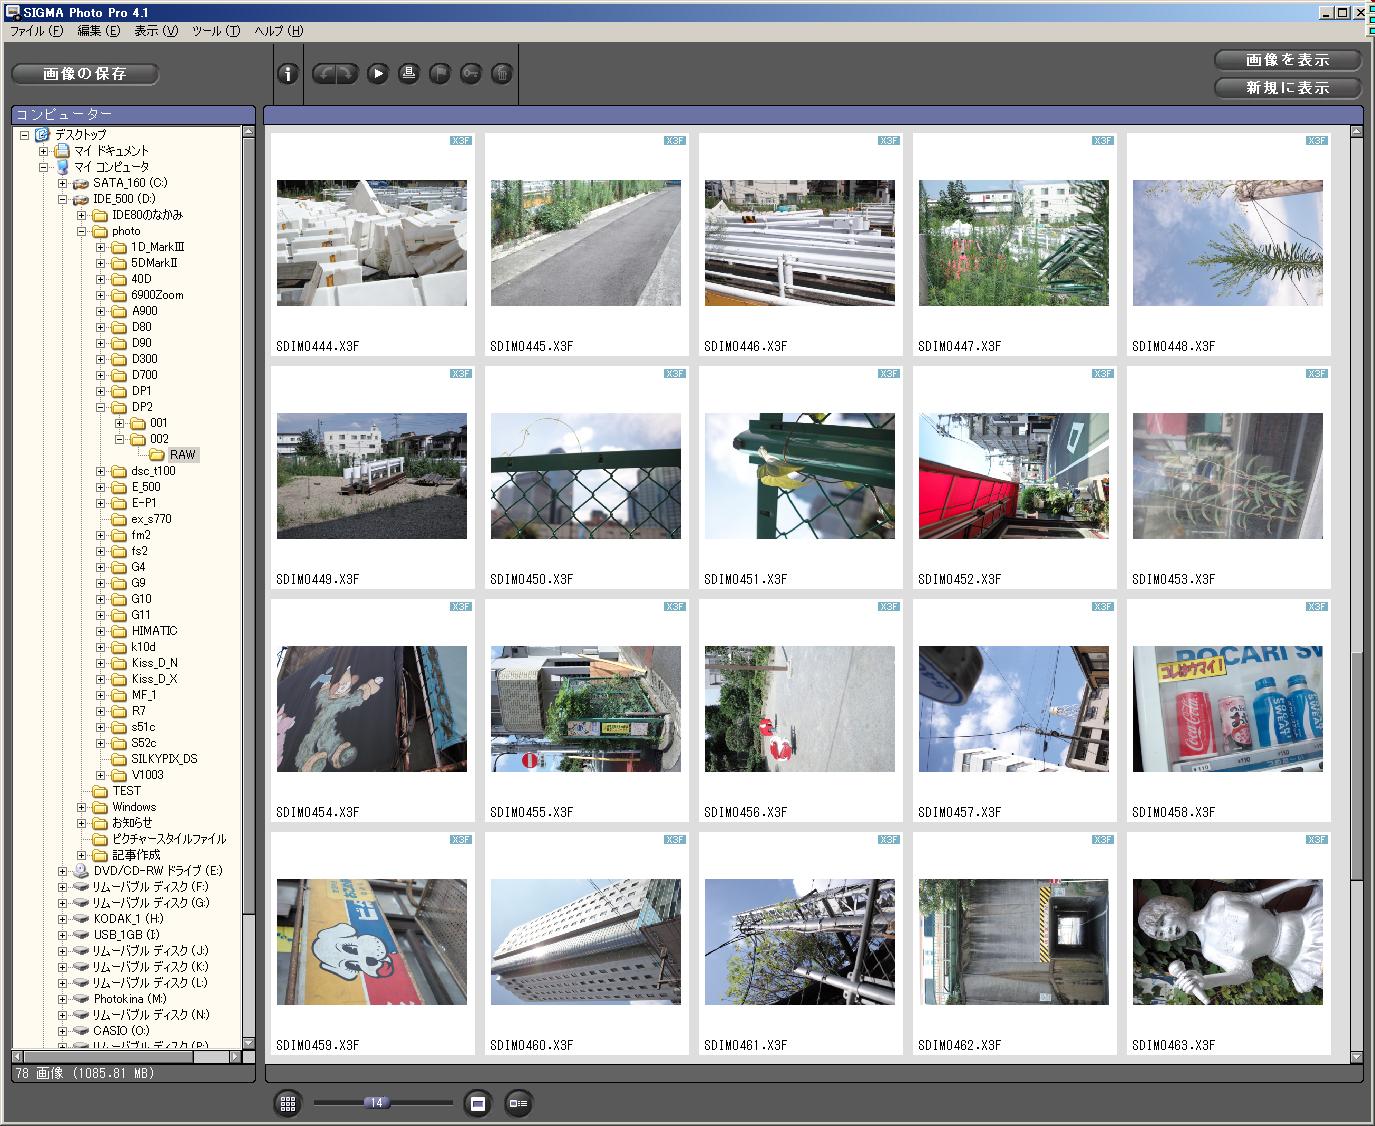 <b>Photo Pro 4.1</b>